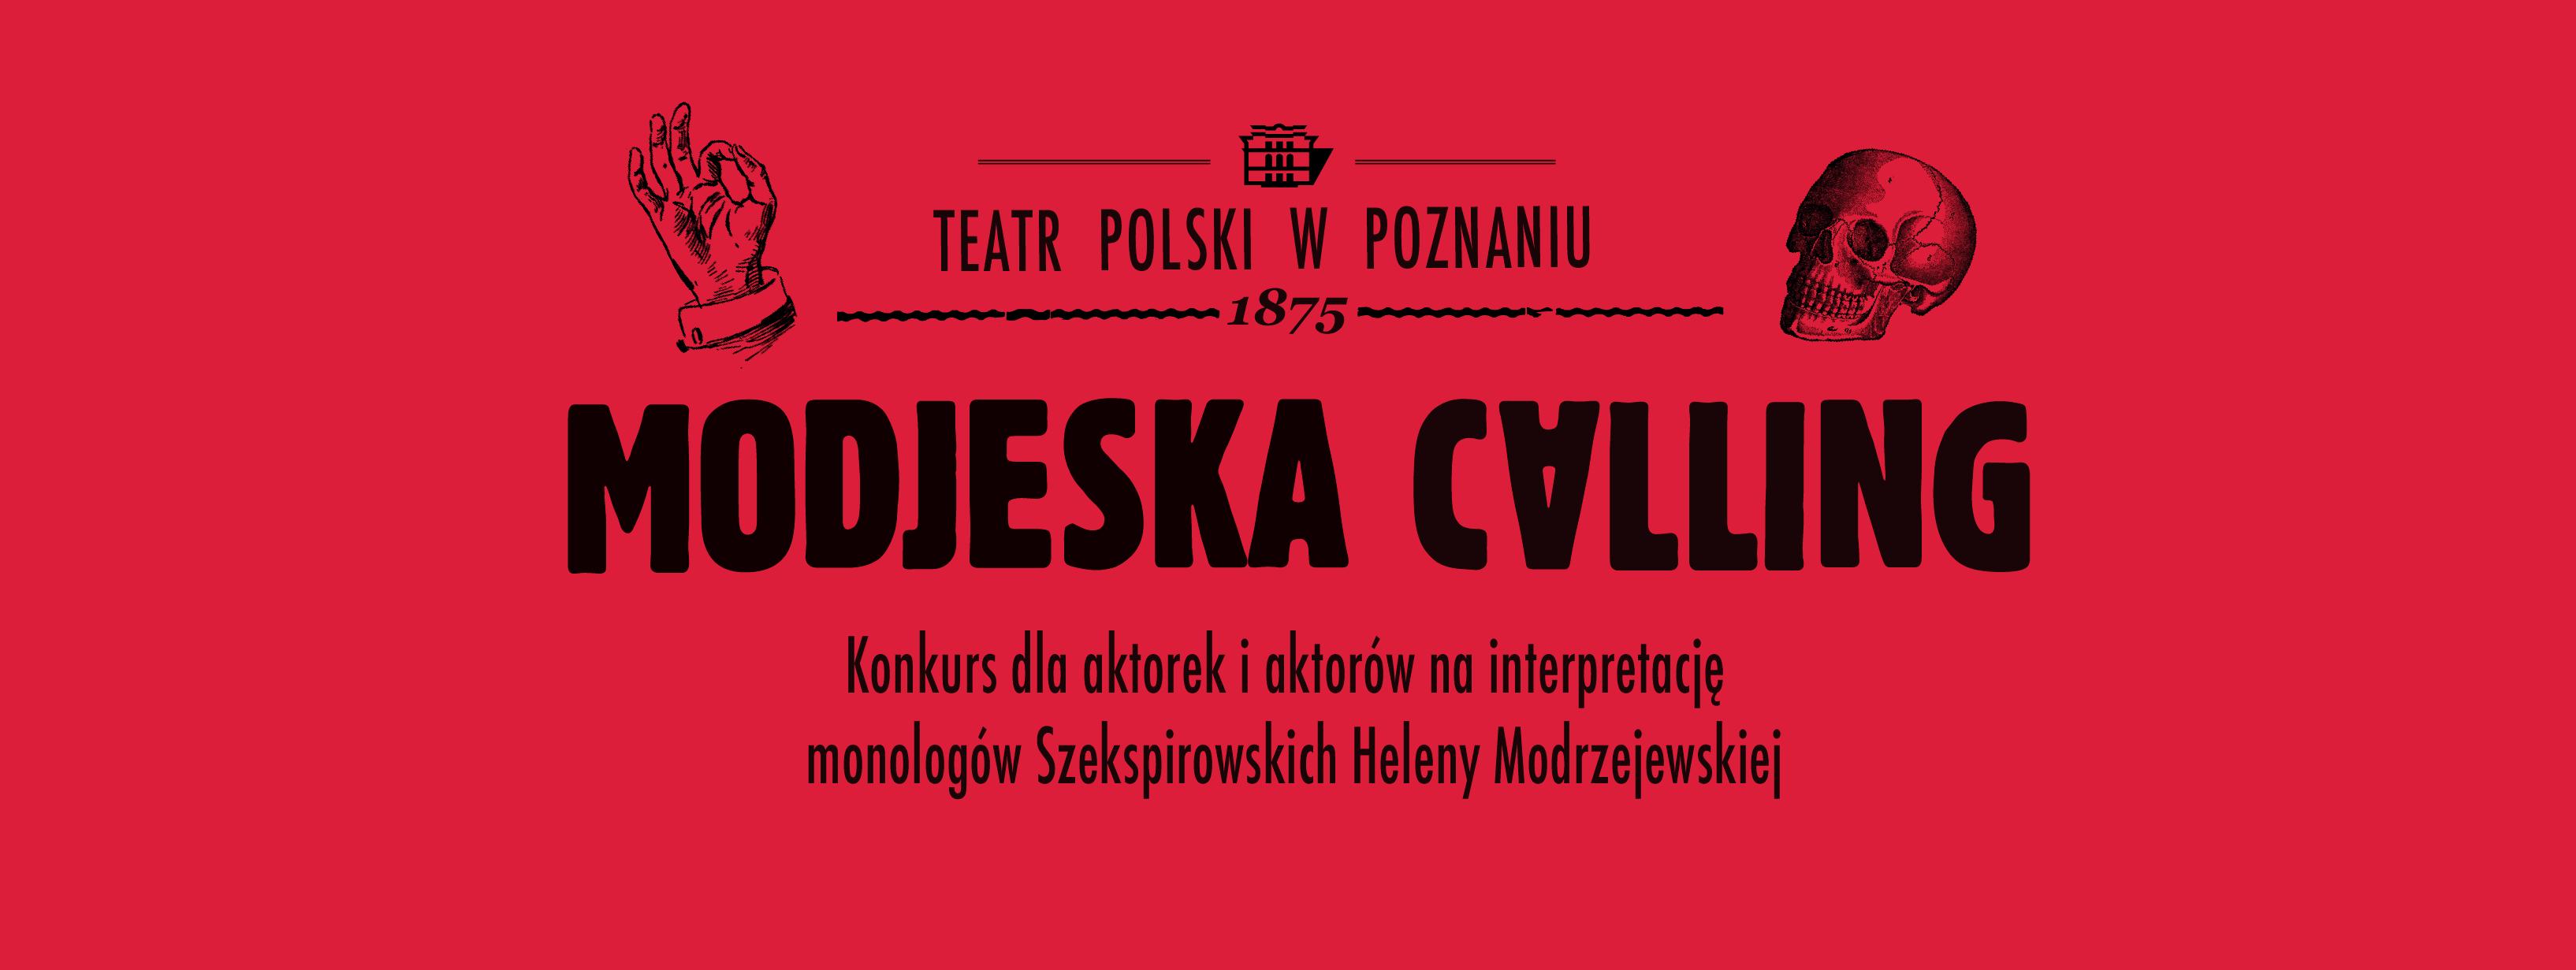 Modjeska Calling - konkurs dla aktorek i aktorów na interpretację monologów szekspirowskich Heleny Modrzejewskiej